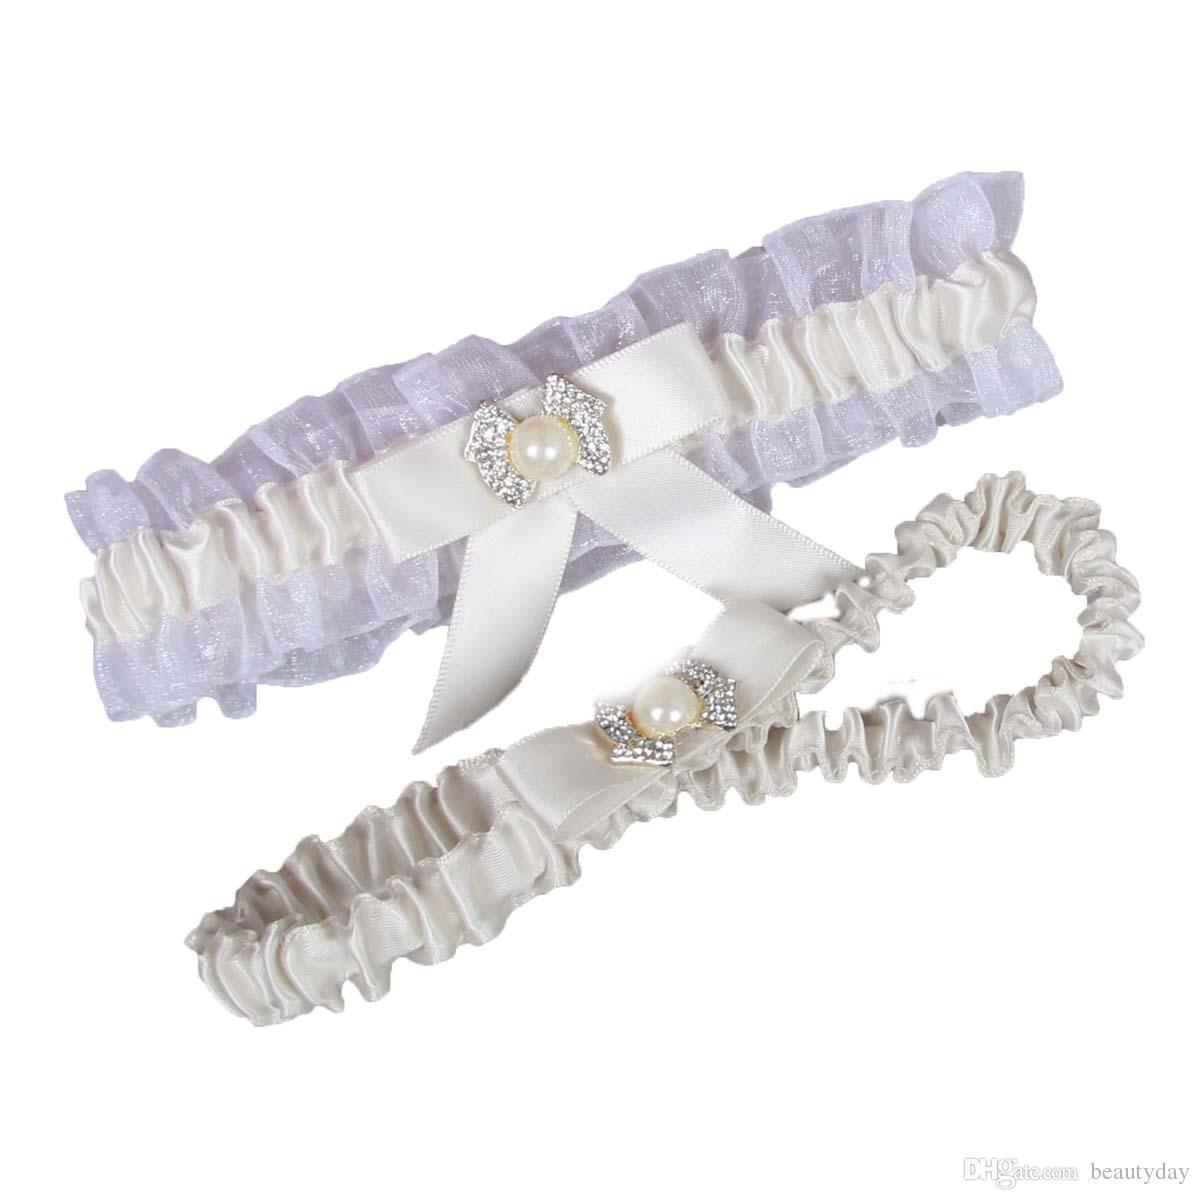 Frete Grátis Branco Marfim Perna de Casamento Ligas Laço Elástico Sexy Feminino Cristais Arco Mulheres Senhora Sheer Do Vintage Acessórios de Noiva